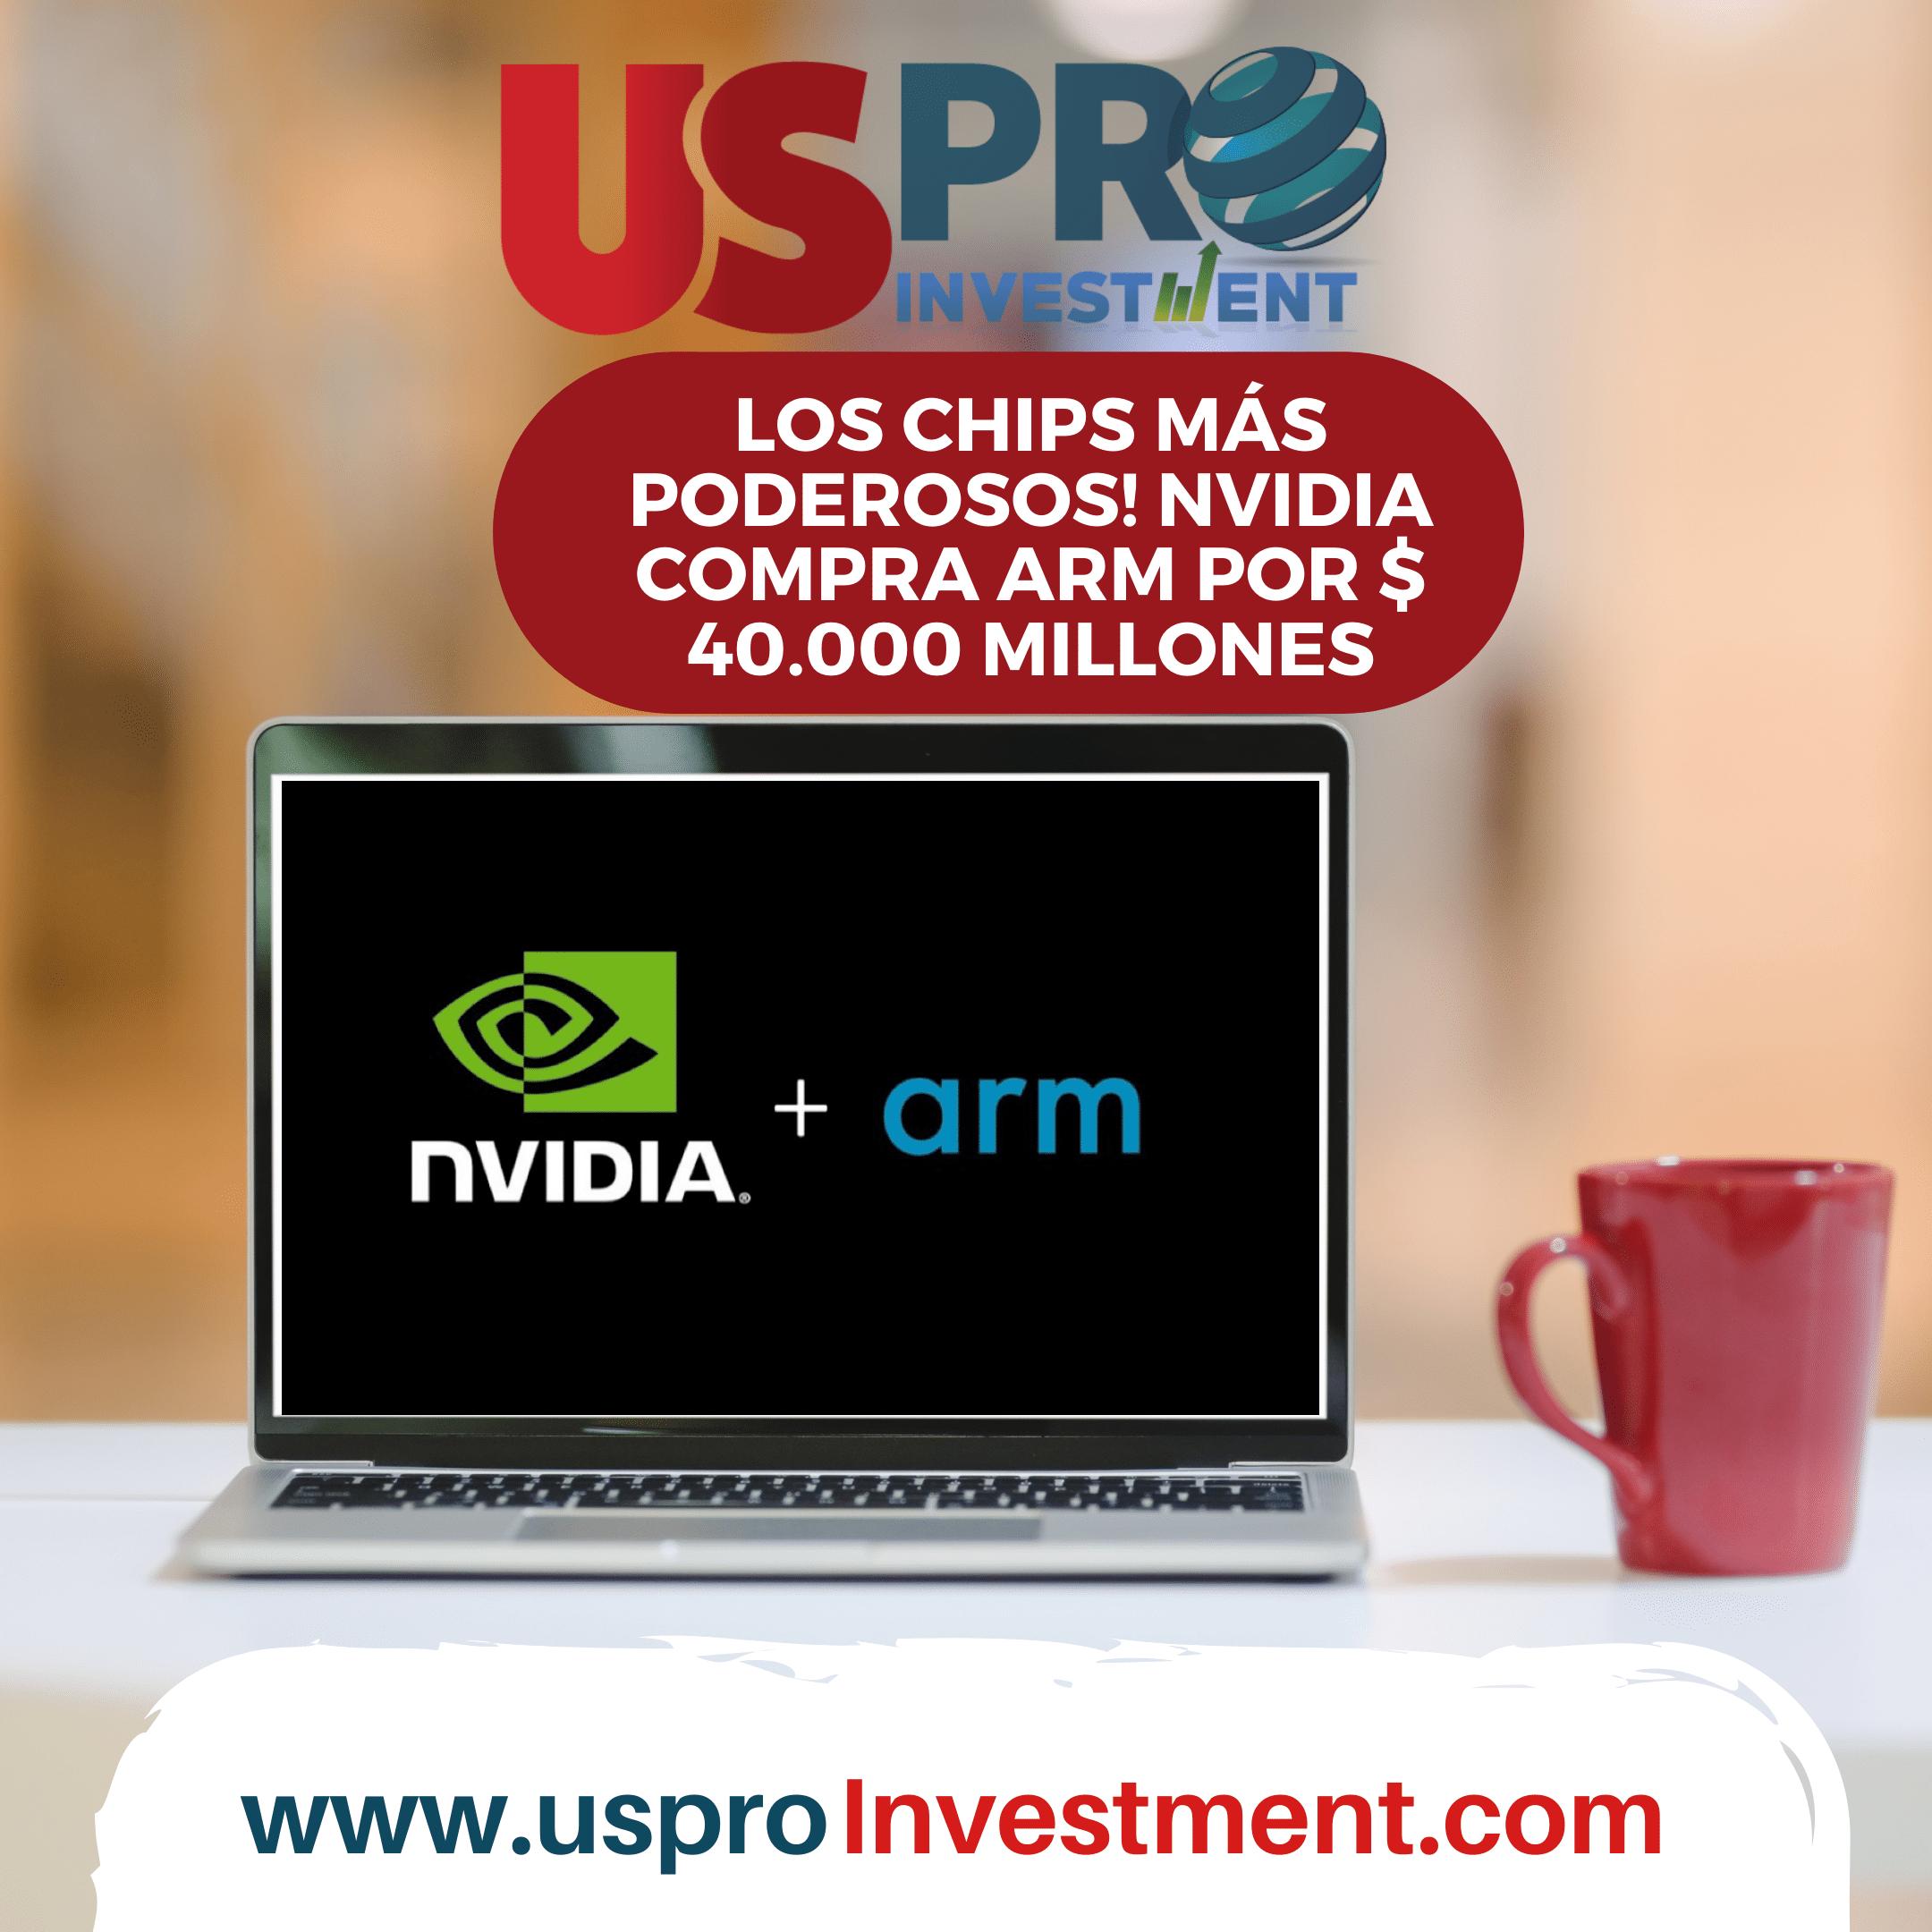 Los chips más poderosos! Nvidia compra Arm por $40.000 millones